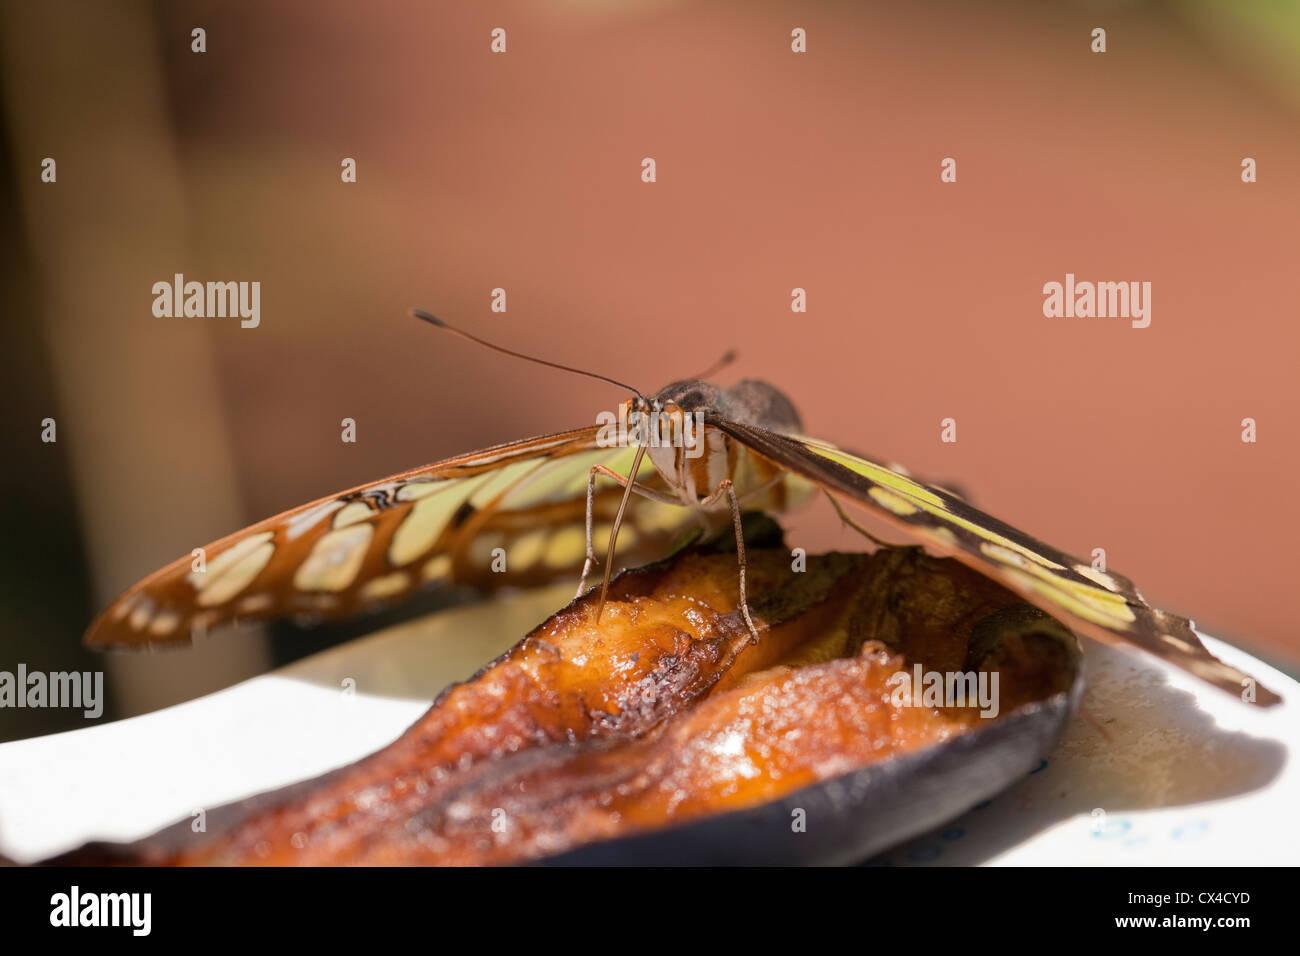 Libre d'un papillon Malachite (Siproeta stelenes) se nourrissent d'une tranche de banane à la Ferme aux papillons, près de San Jose, Costa Rica. Banque D'Images